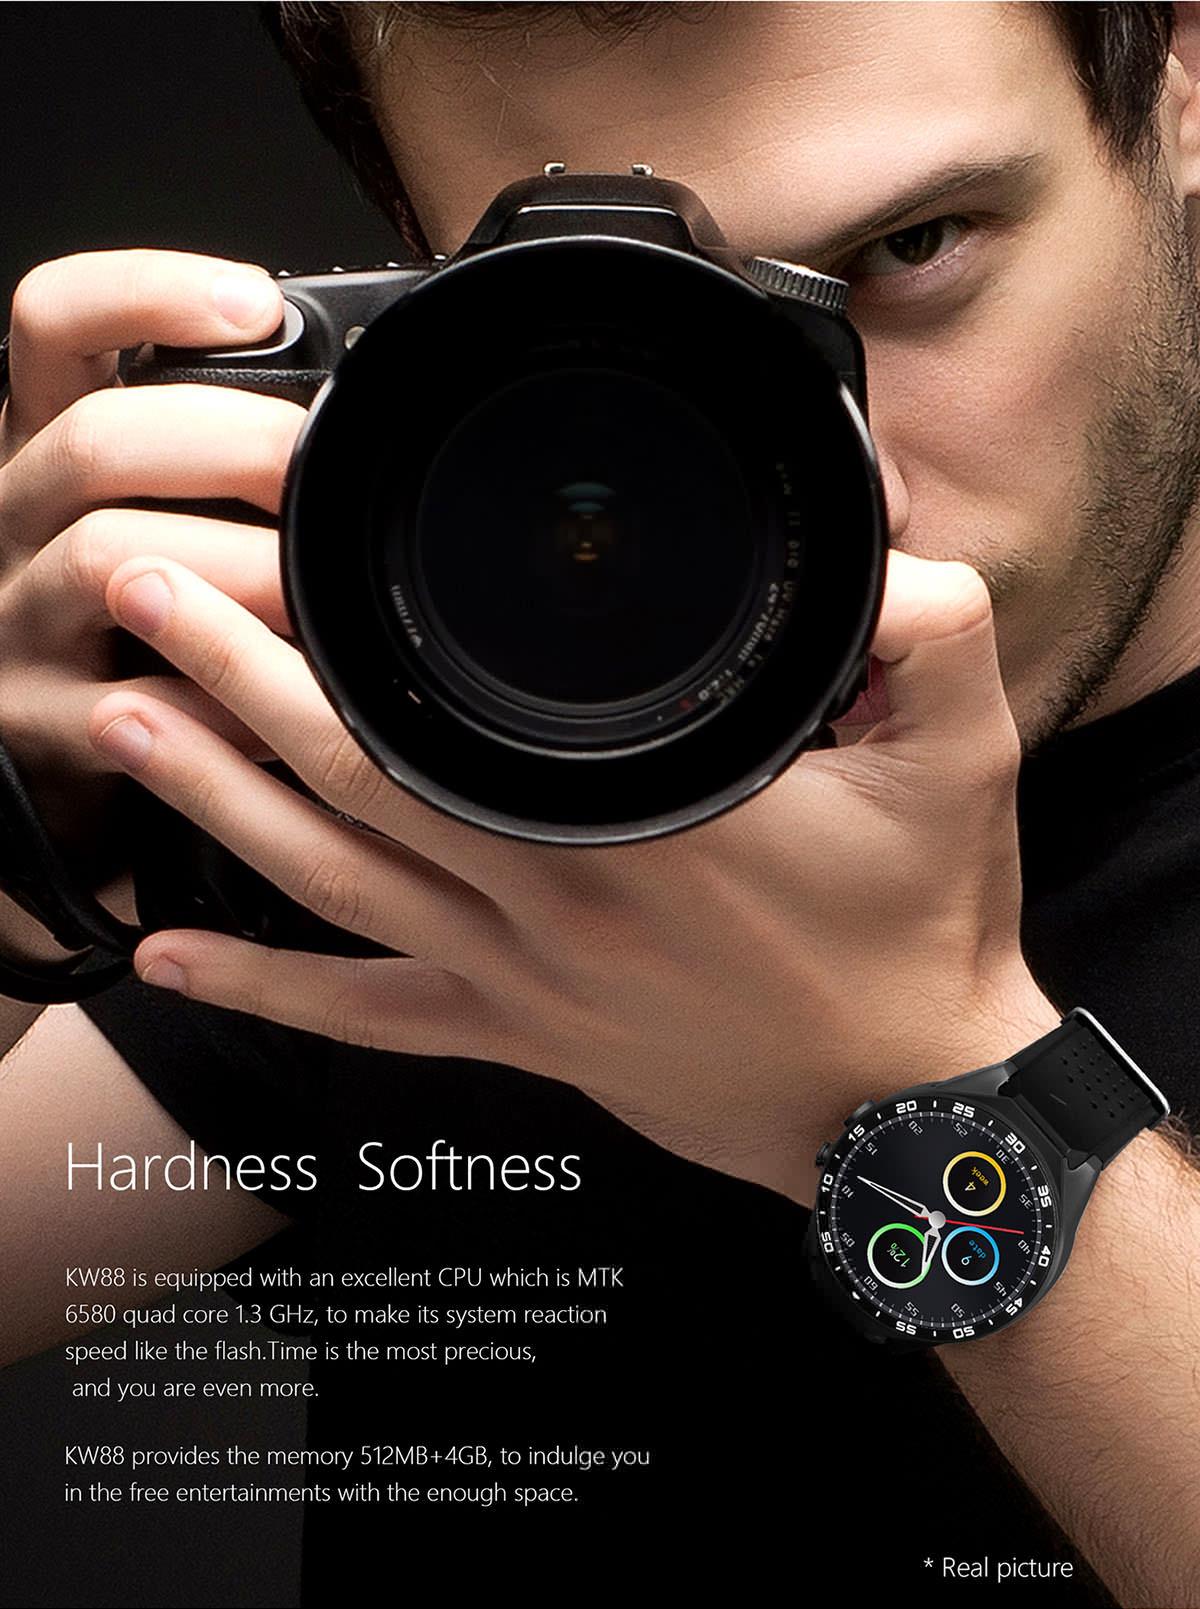 kingwear kw88 smartwatch phone